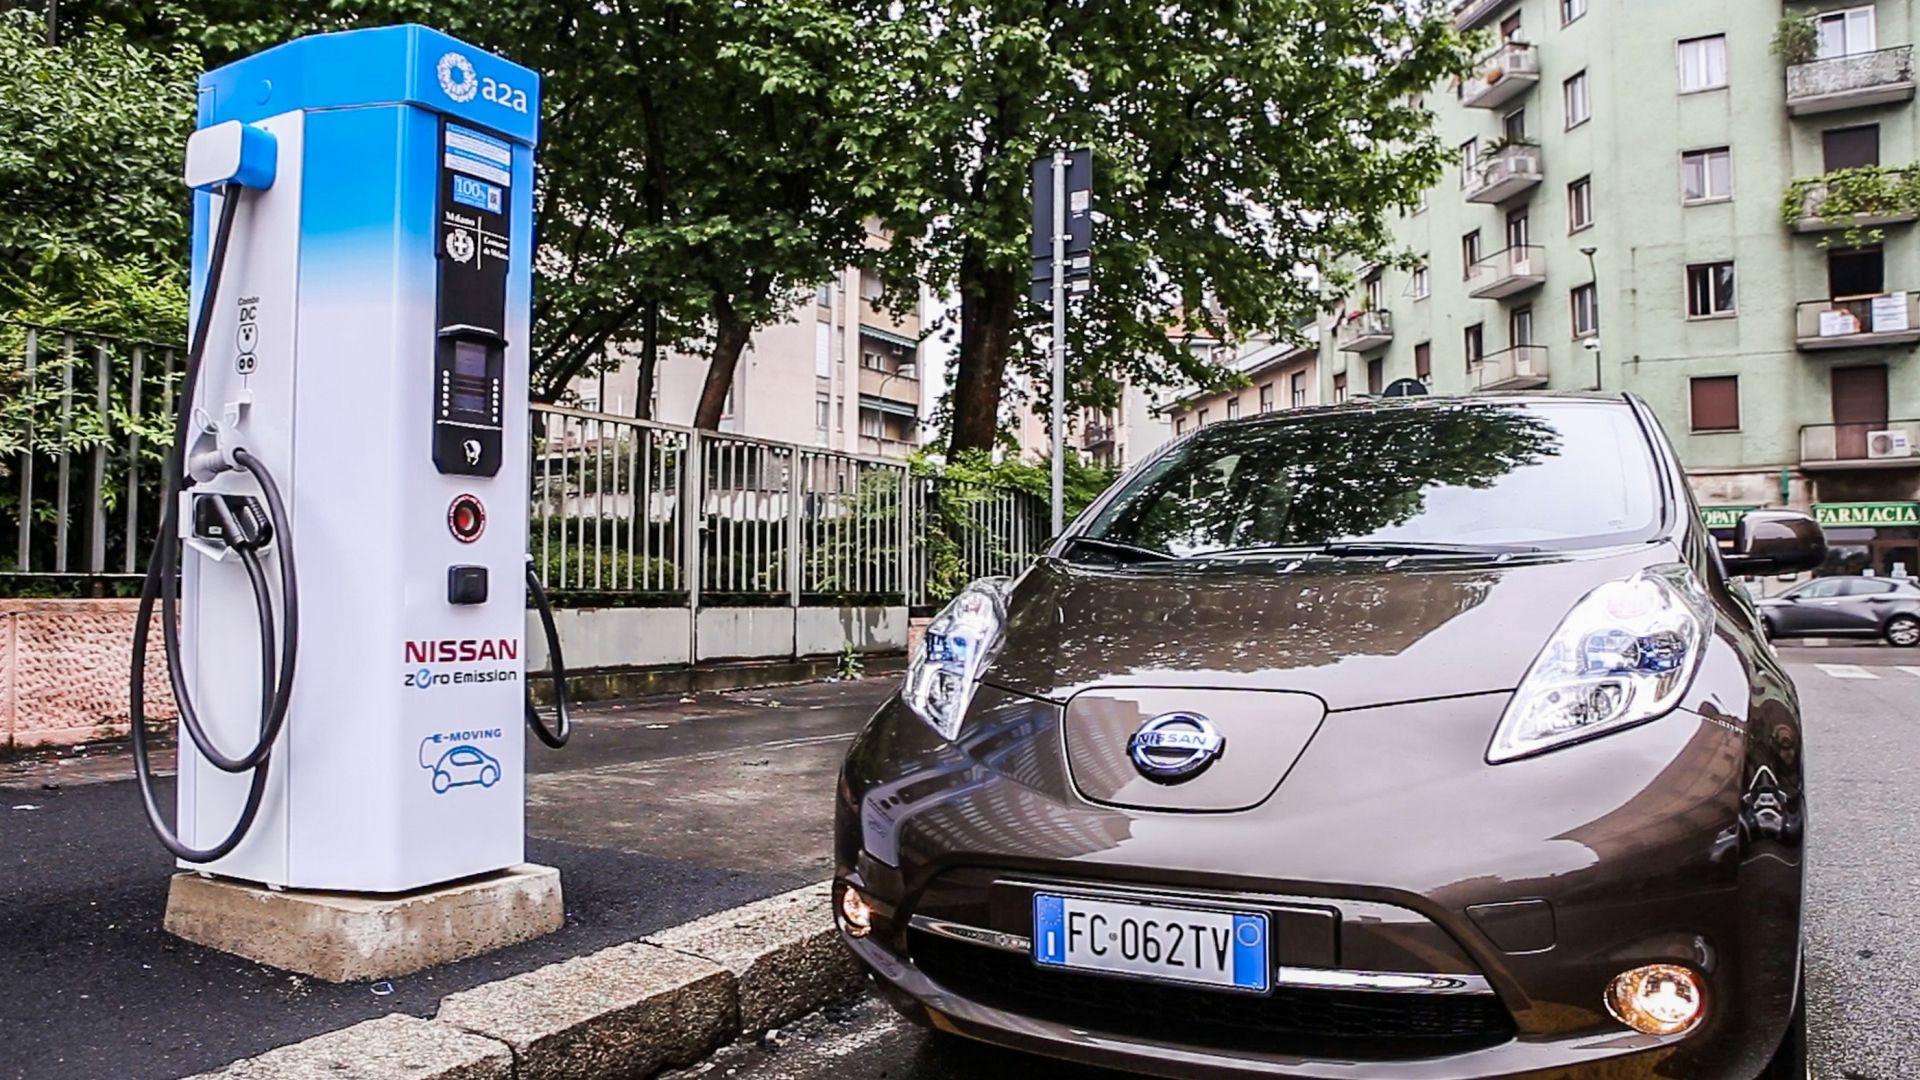 Auto elettriche - Nissan: 12 colonnine di ricarica rapida ...